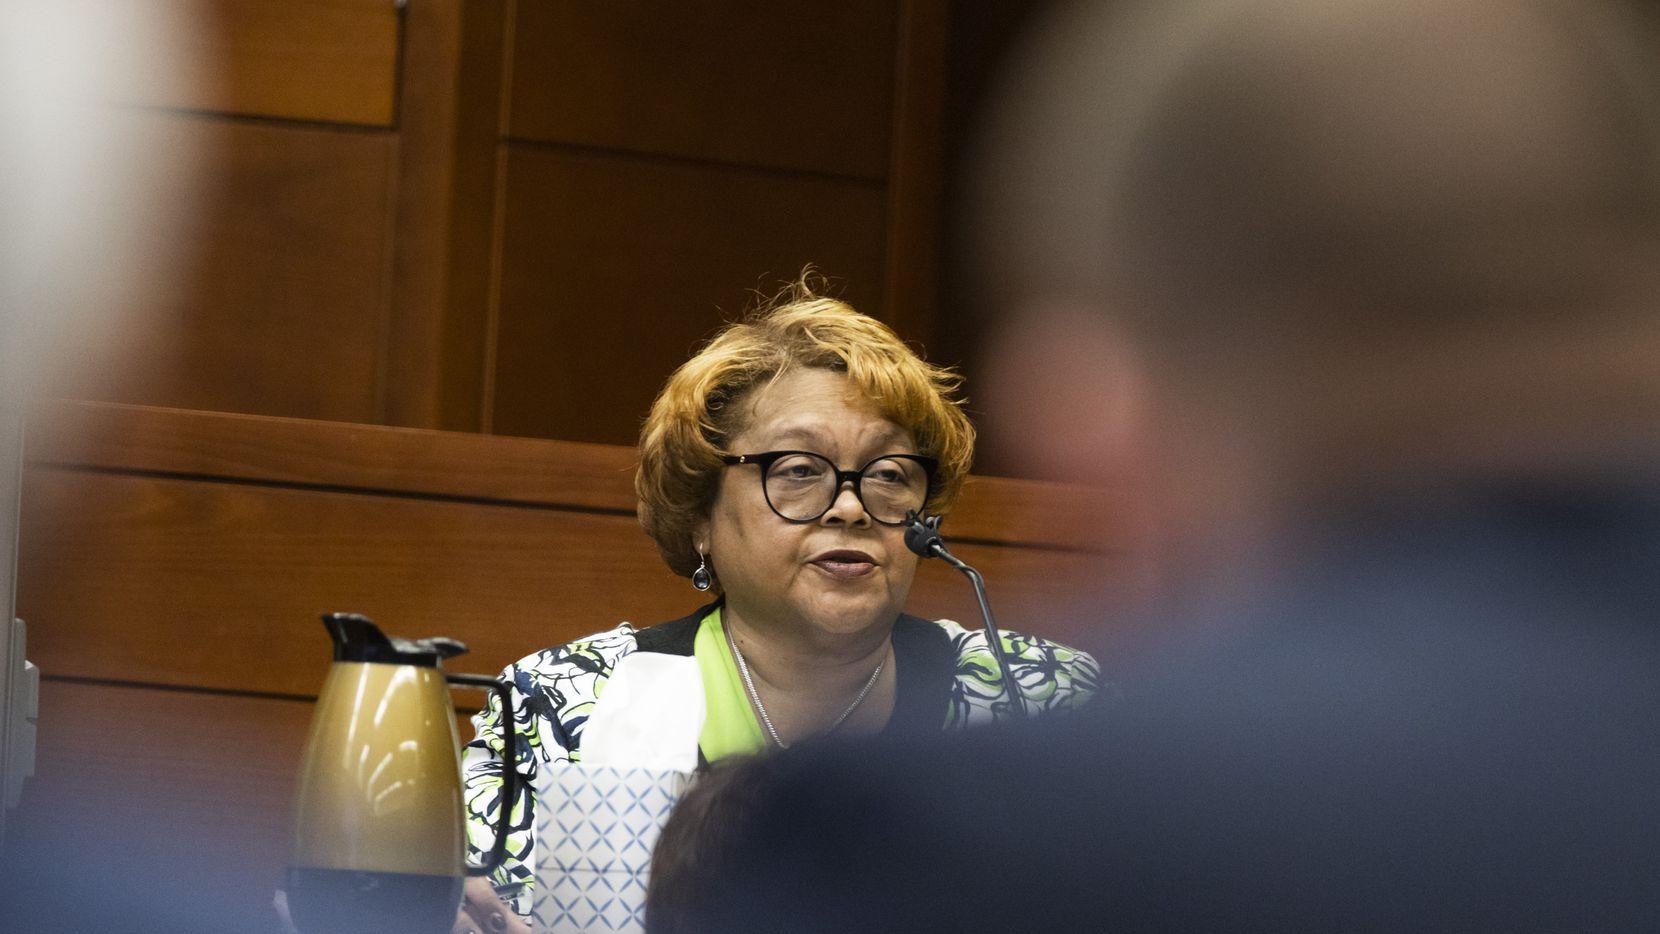 La directora de la Oficina de Elecciones de Dallas, Toni Pippins-Poole, testificó durante una audiencia para pedir la reapertura del proceso de conteo en 44 casillas electorales.